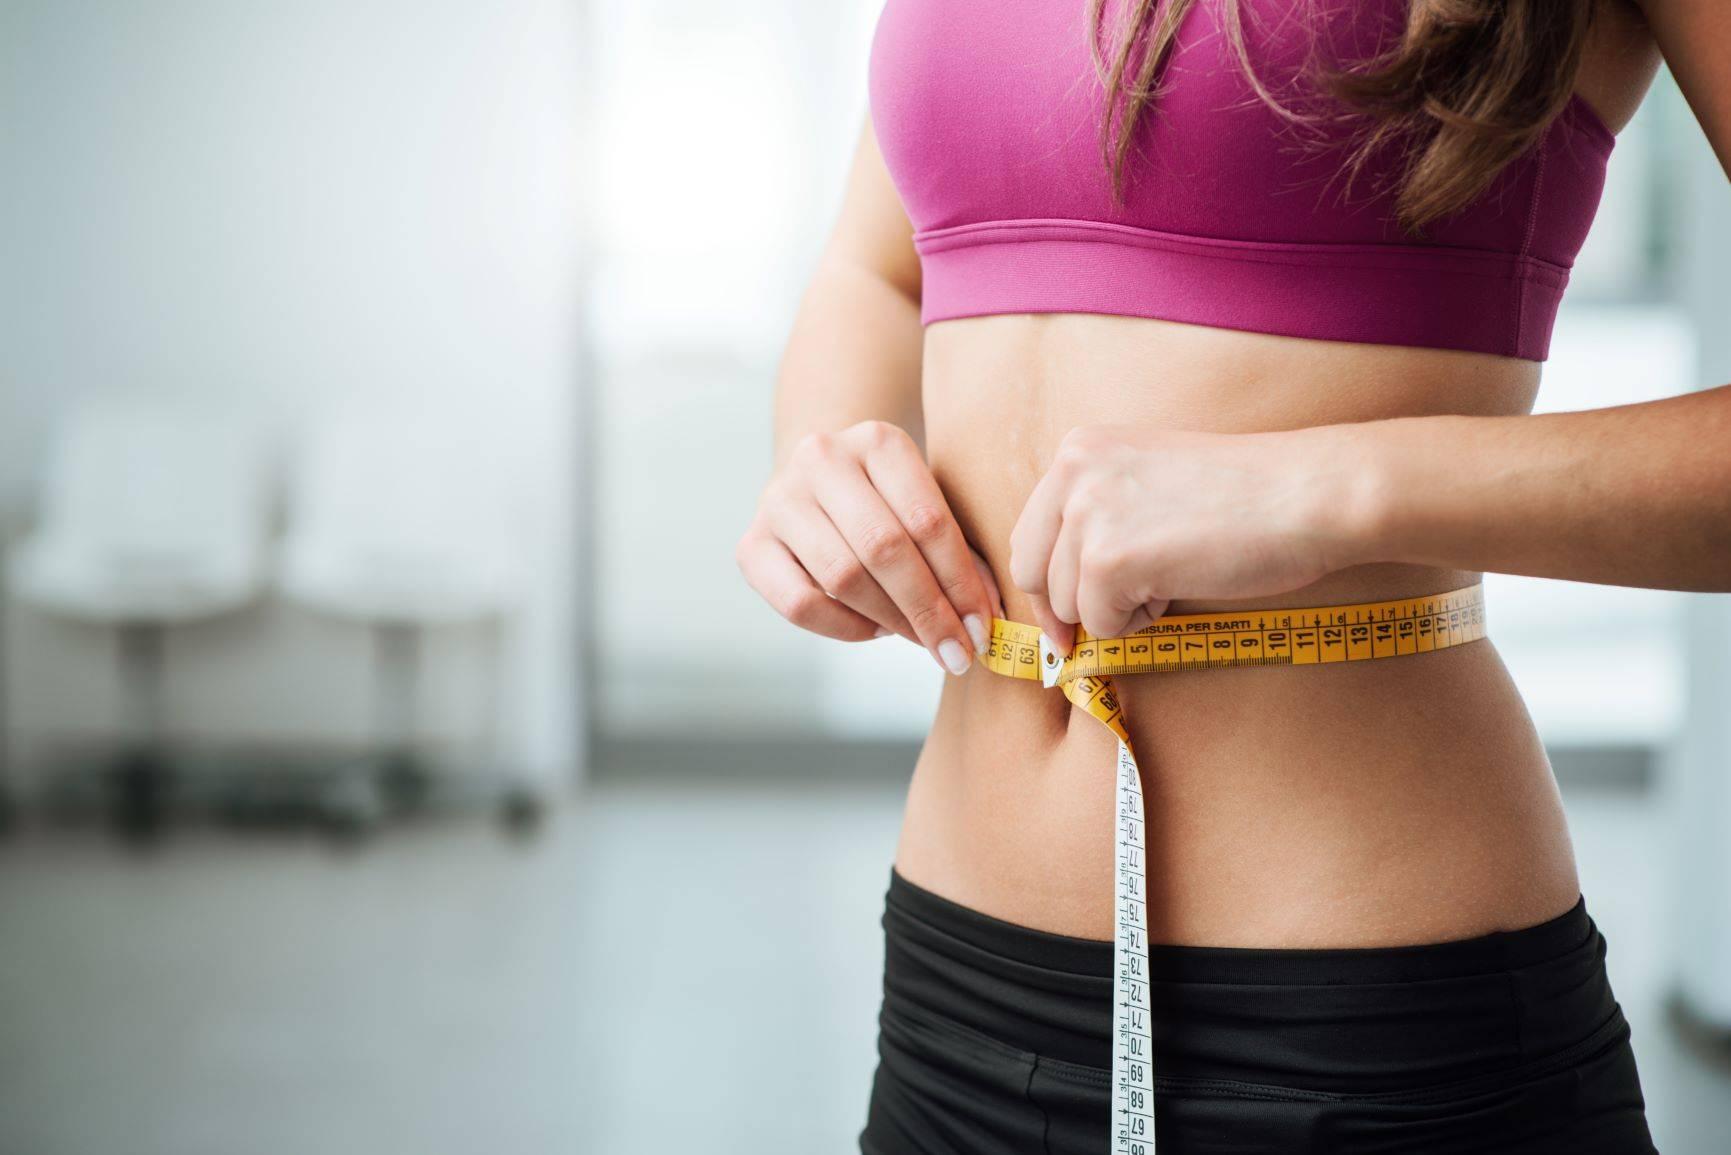 Dieta ośmiogodzinna - ile można schudnąć?